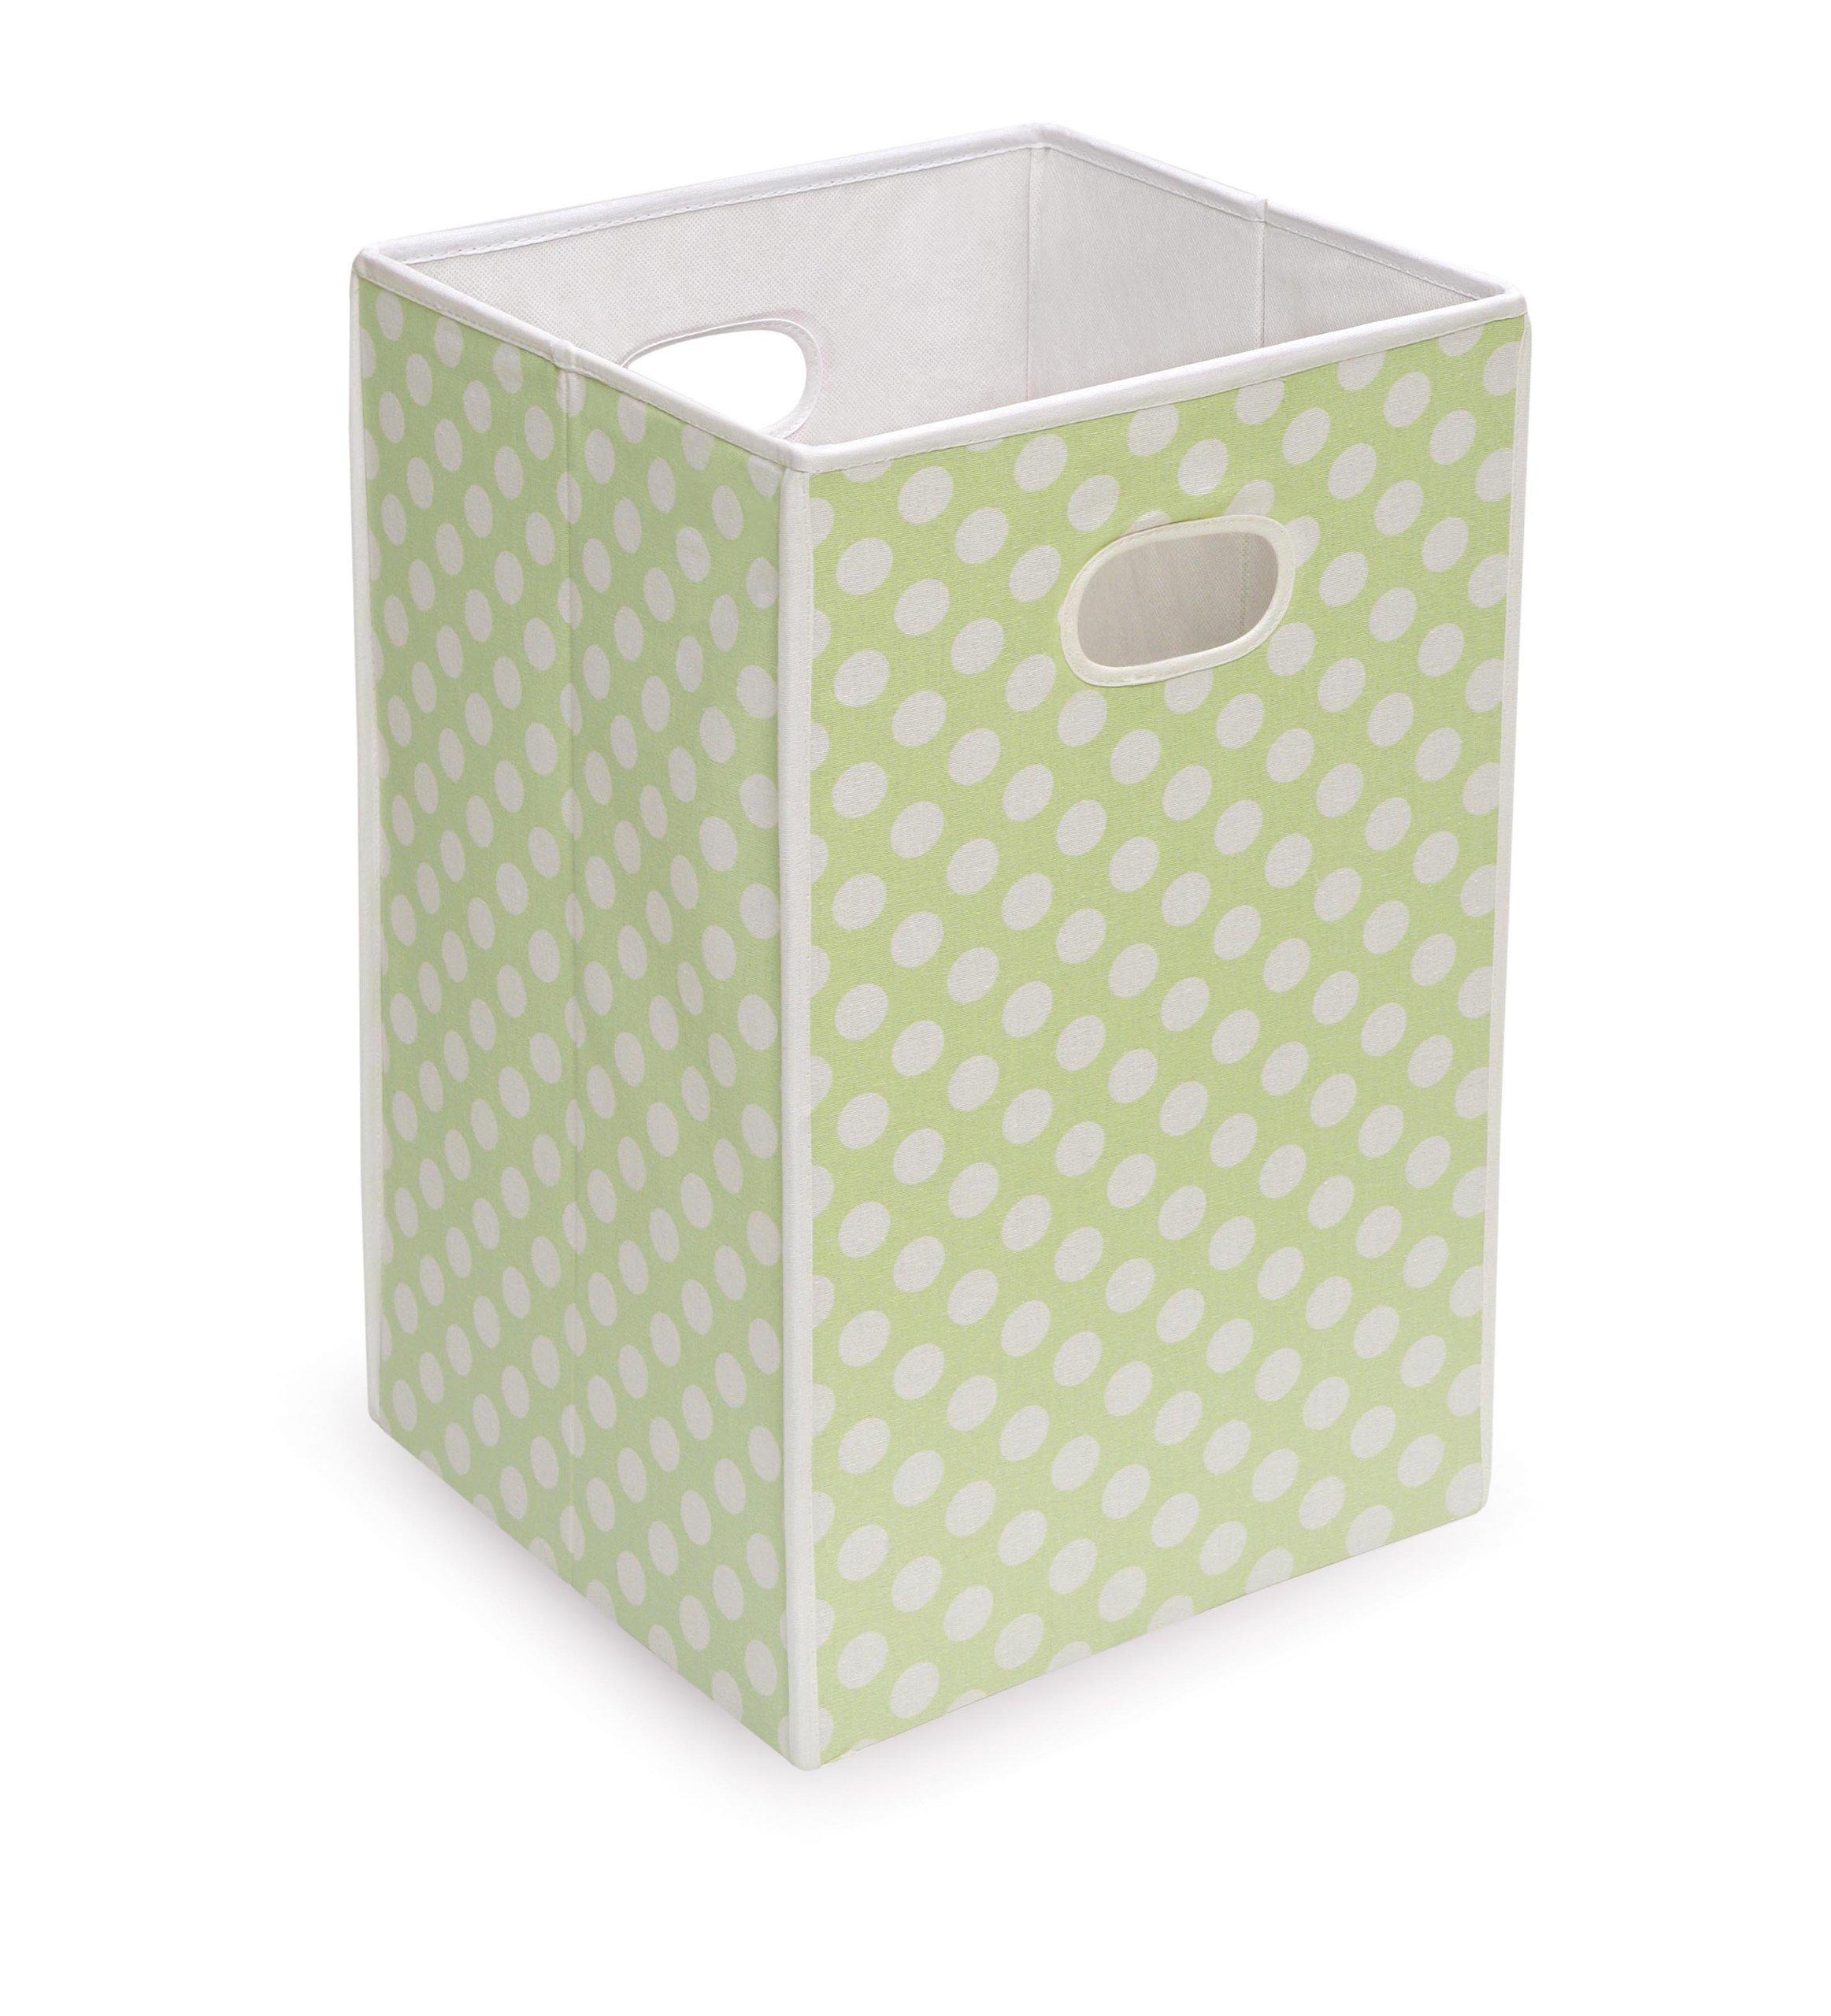 Badger Basket Folding Hamper/Storage Bin, Sage